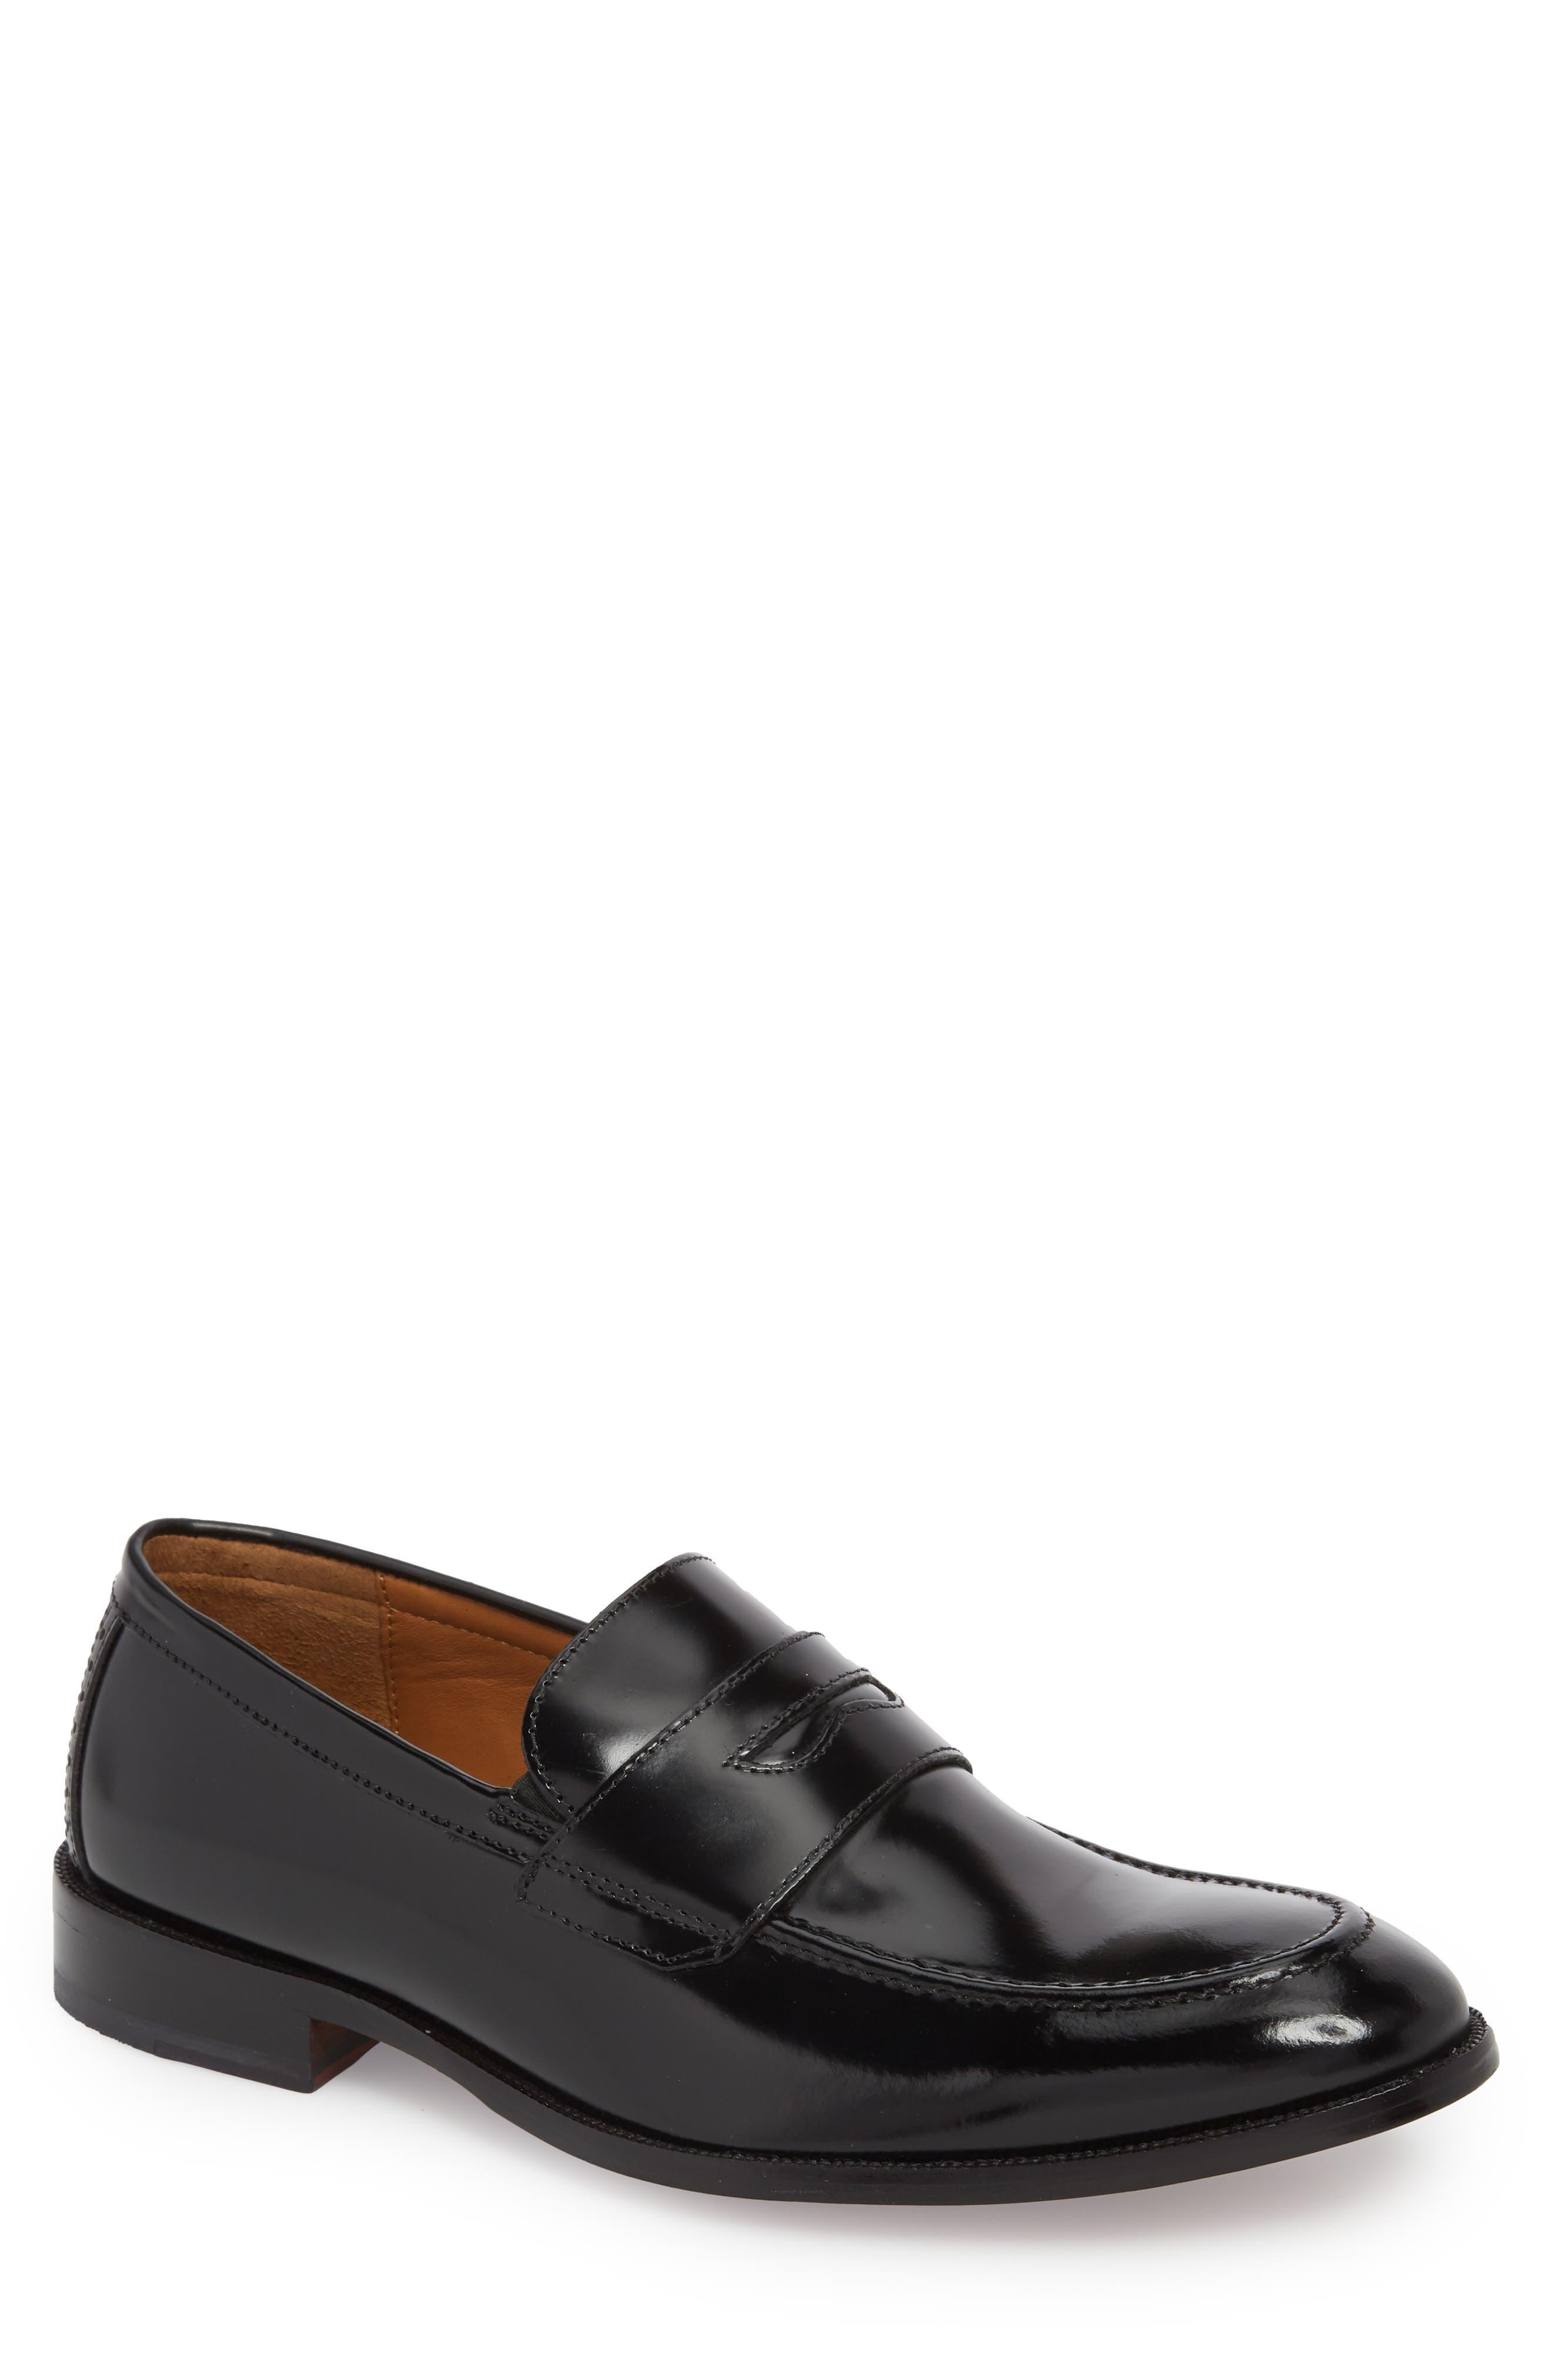 1950s Mens Shoes: Saddle Shoes, Boots, Greaser, Rockabilly Mens Johnston  Murphy Bradford Penny Loafer $129.95 AT vintagedancer.com